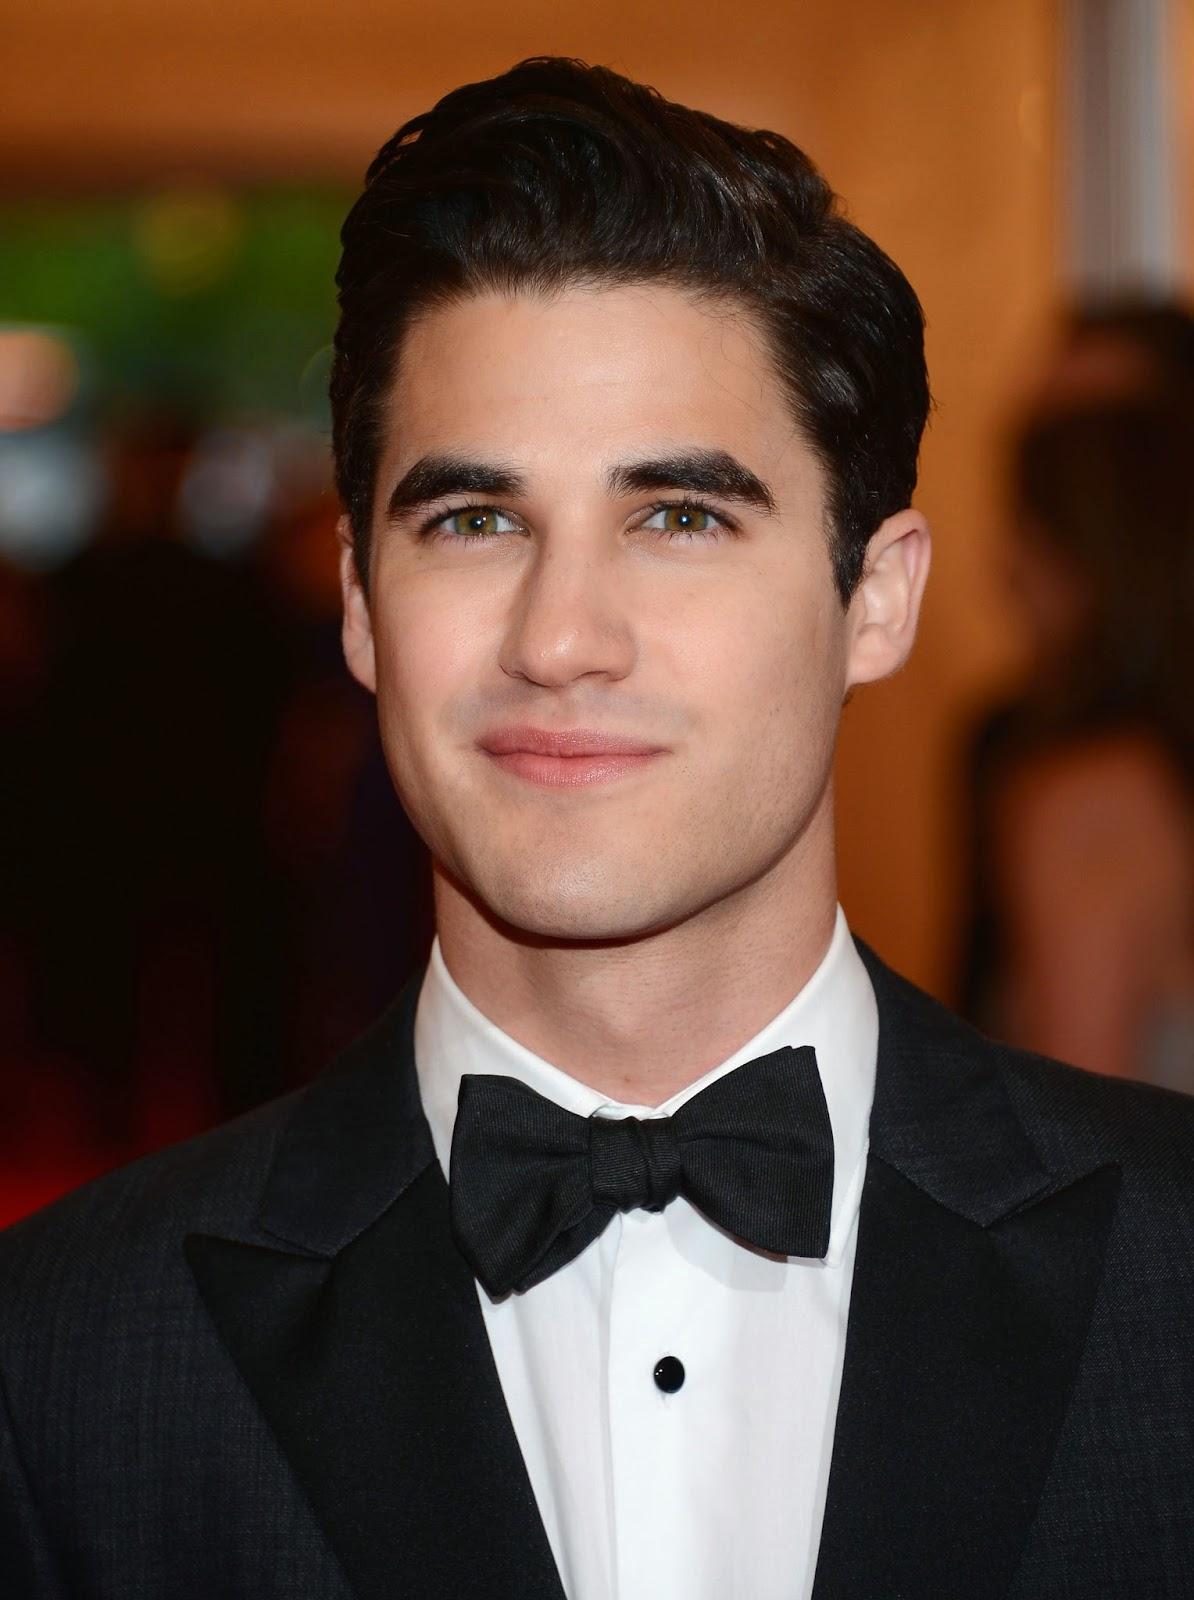 Glee Star Darren Criss Says Warblers Album Will Drop in